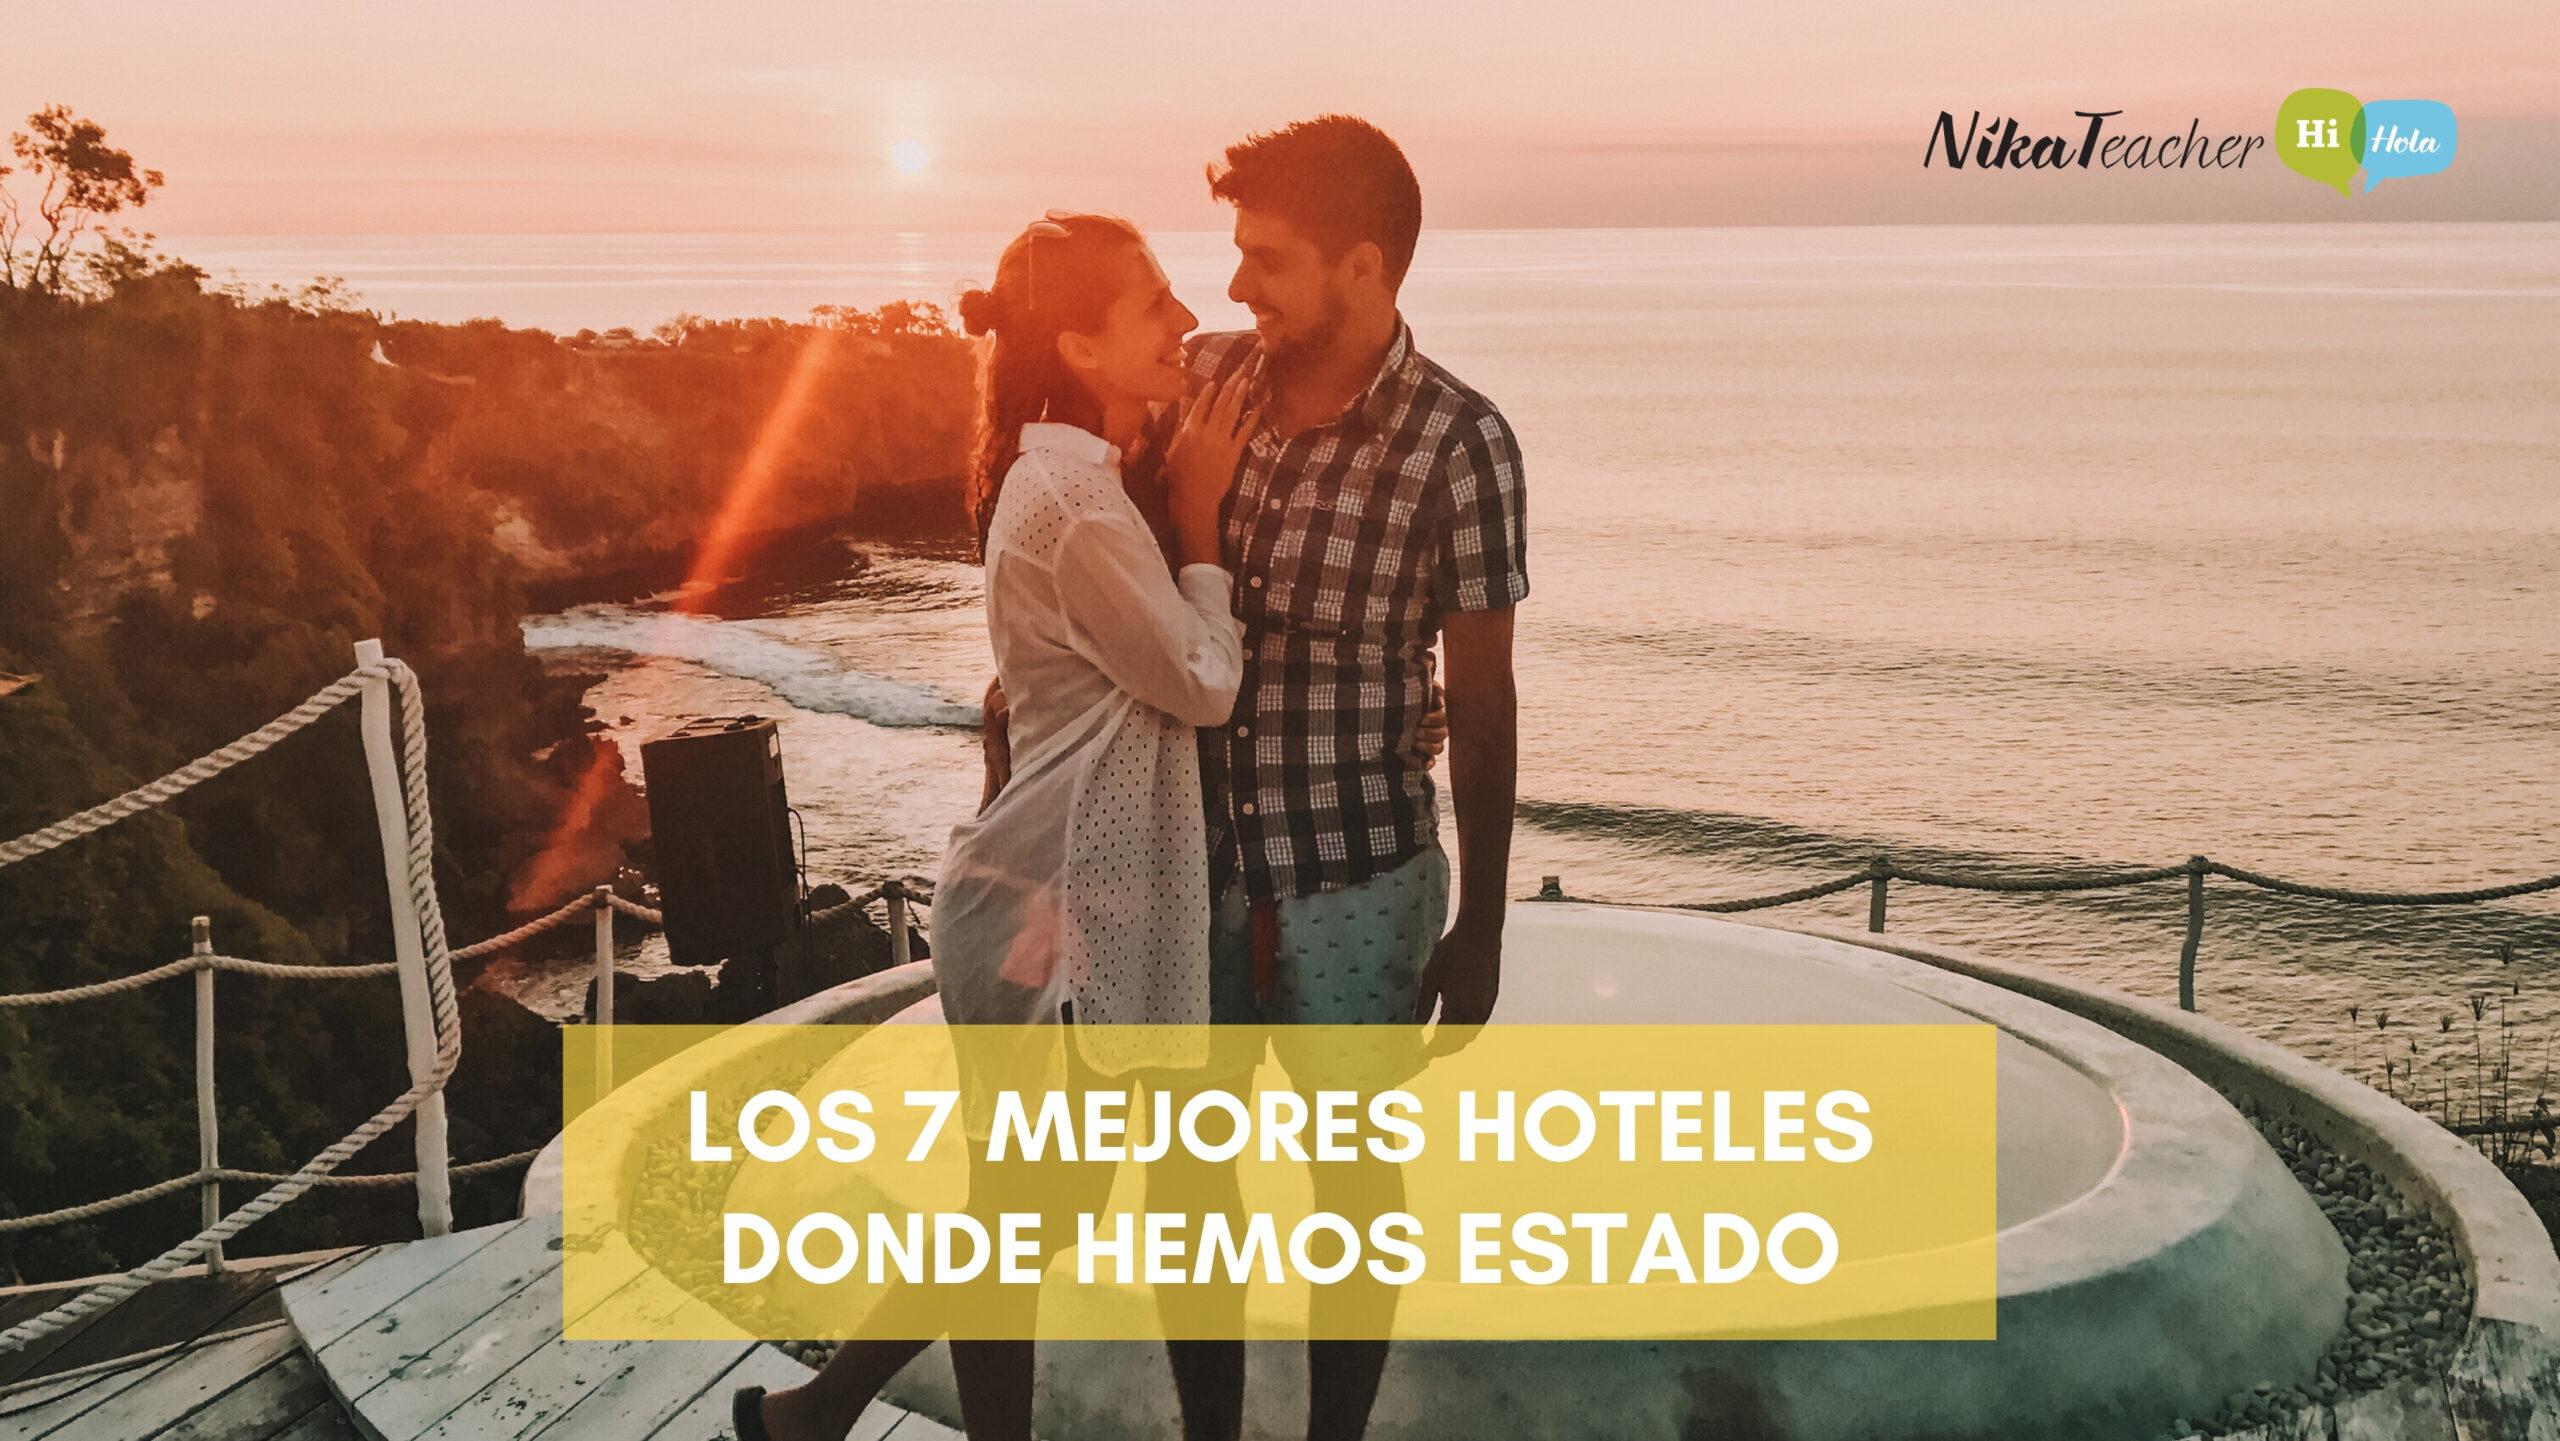 Los 7 mejores hoteles donde hemos estado, traveling, tips, viaje